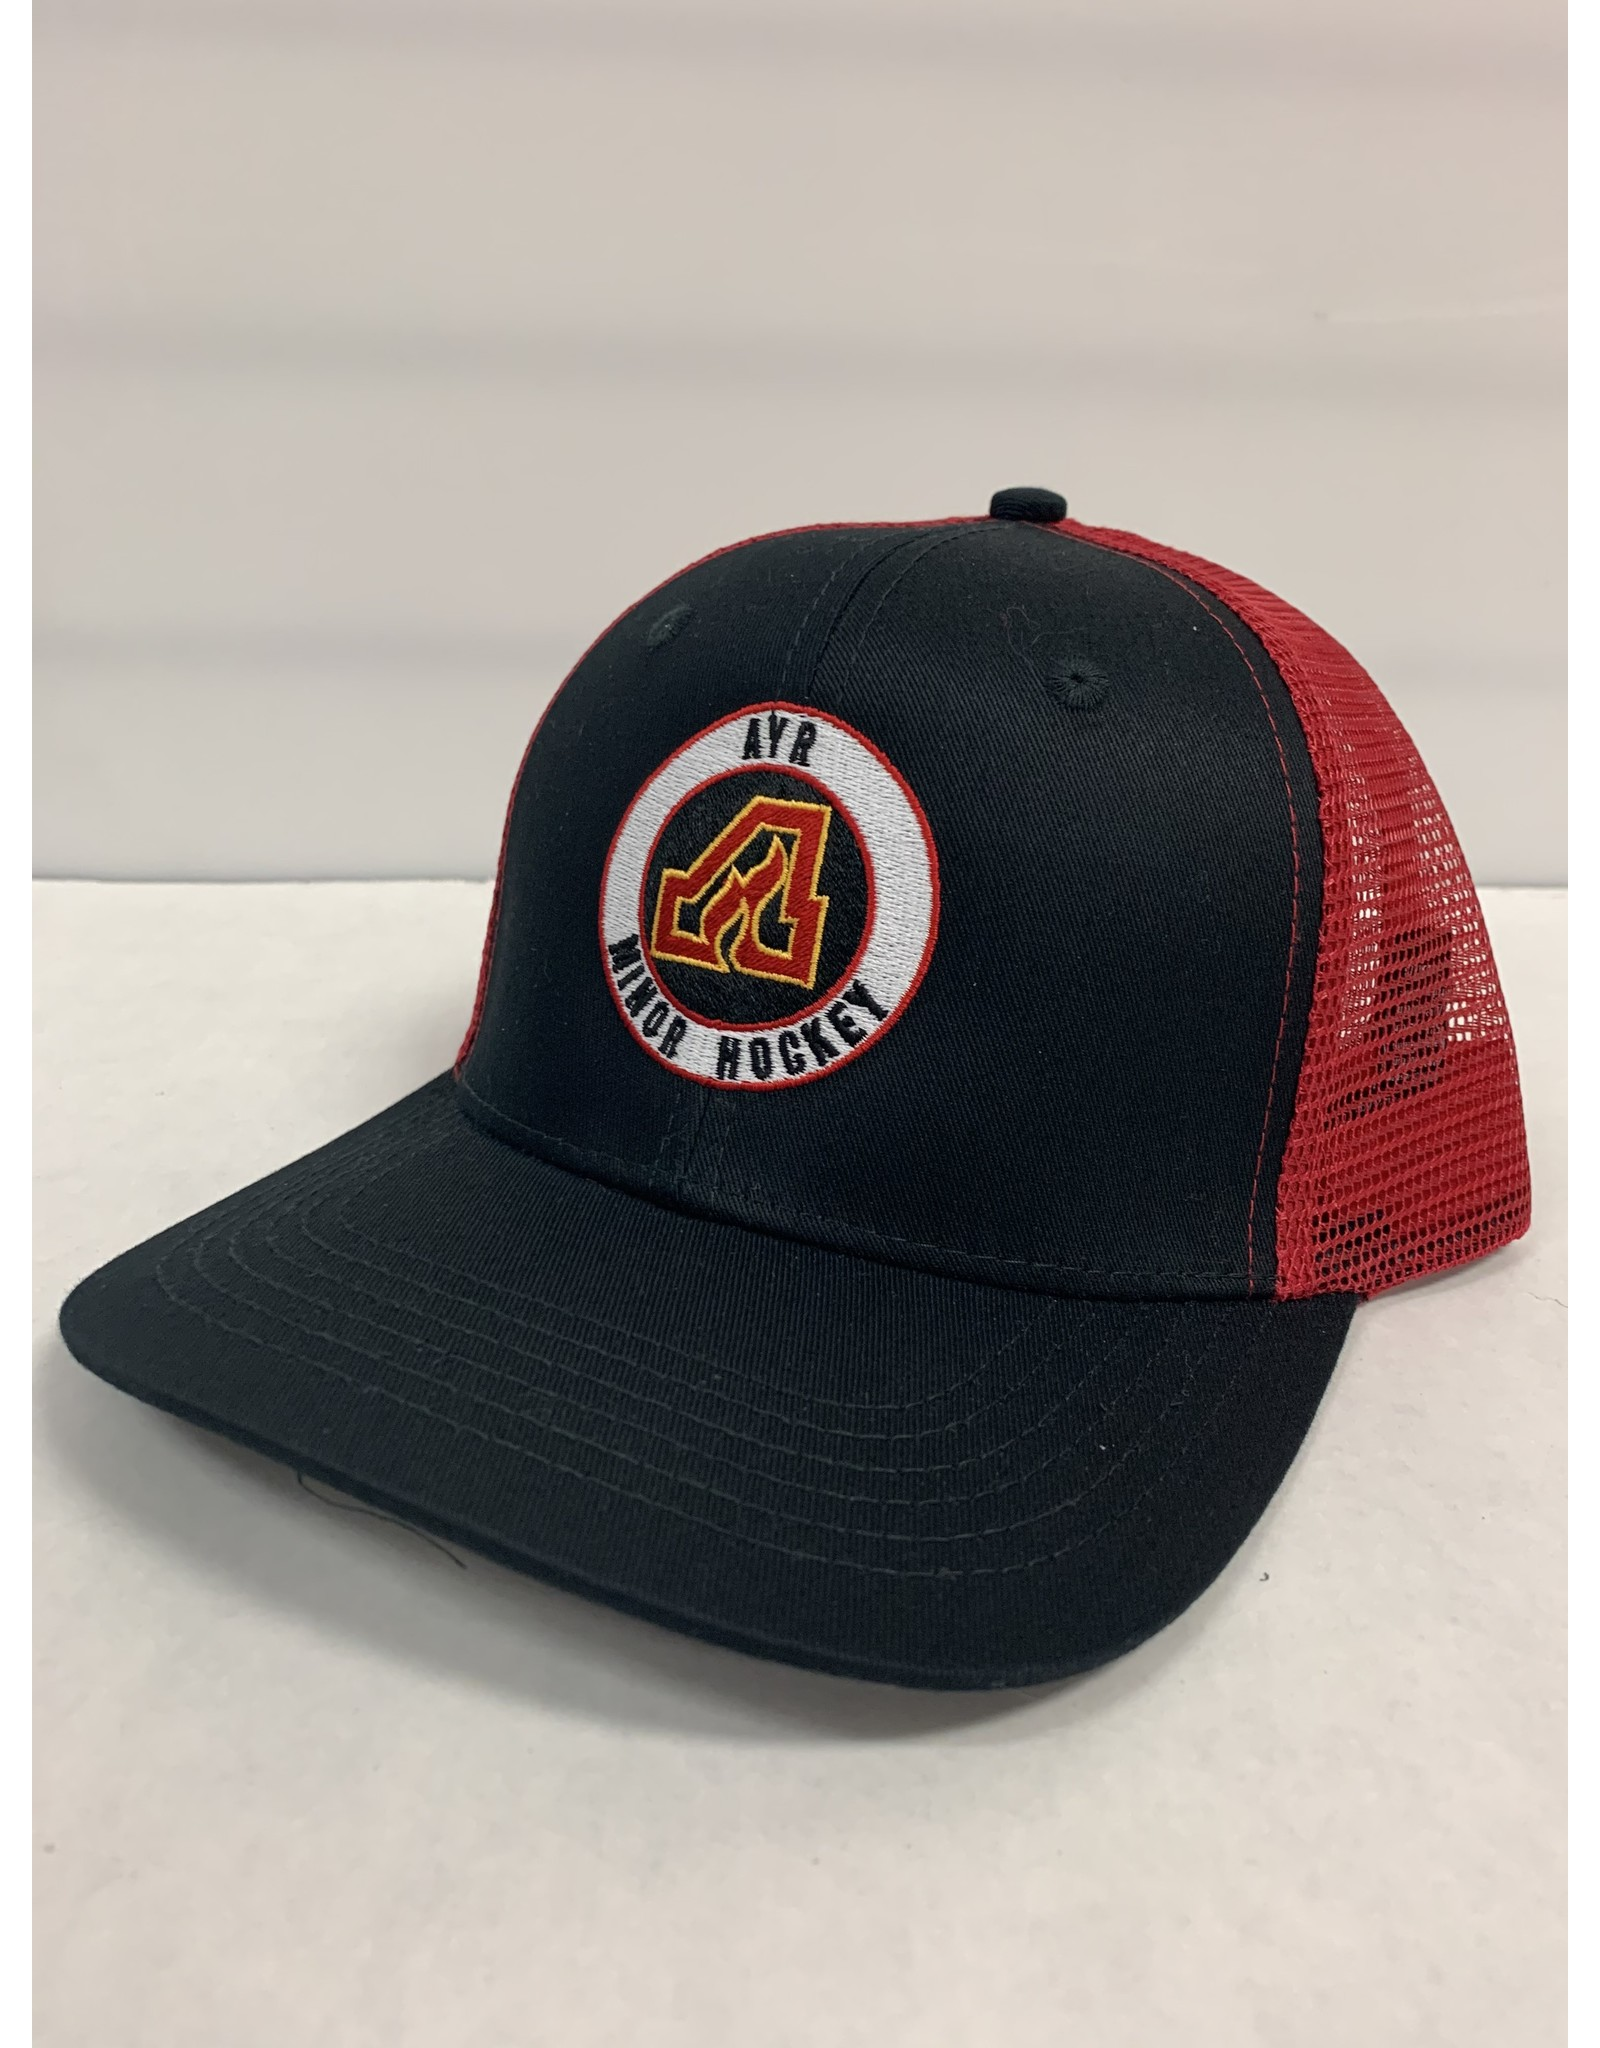 FLAMES MESH BACK HAT - BLACK/RED